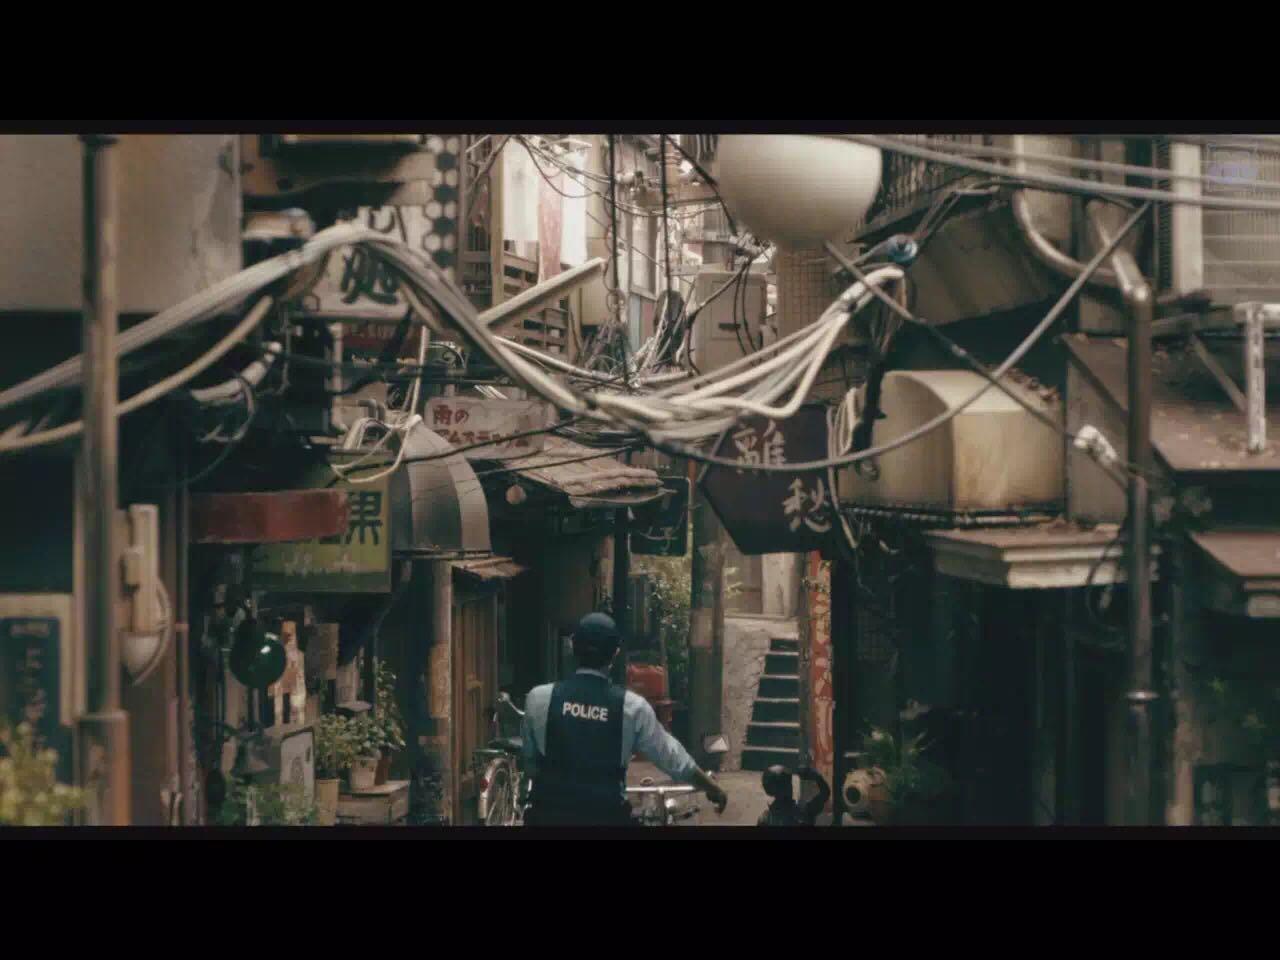 些料理好的关于日式比较或者甜点之类的日本电四楼什电话康巴美食城ktv广场图片